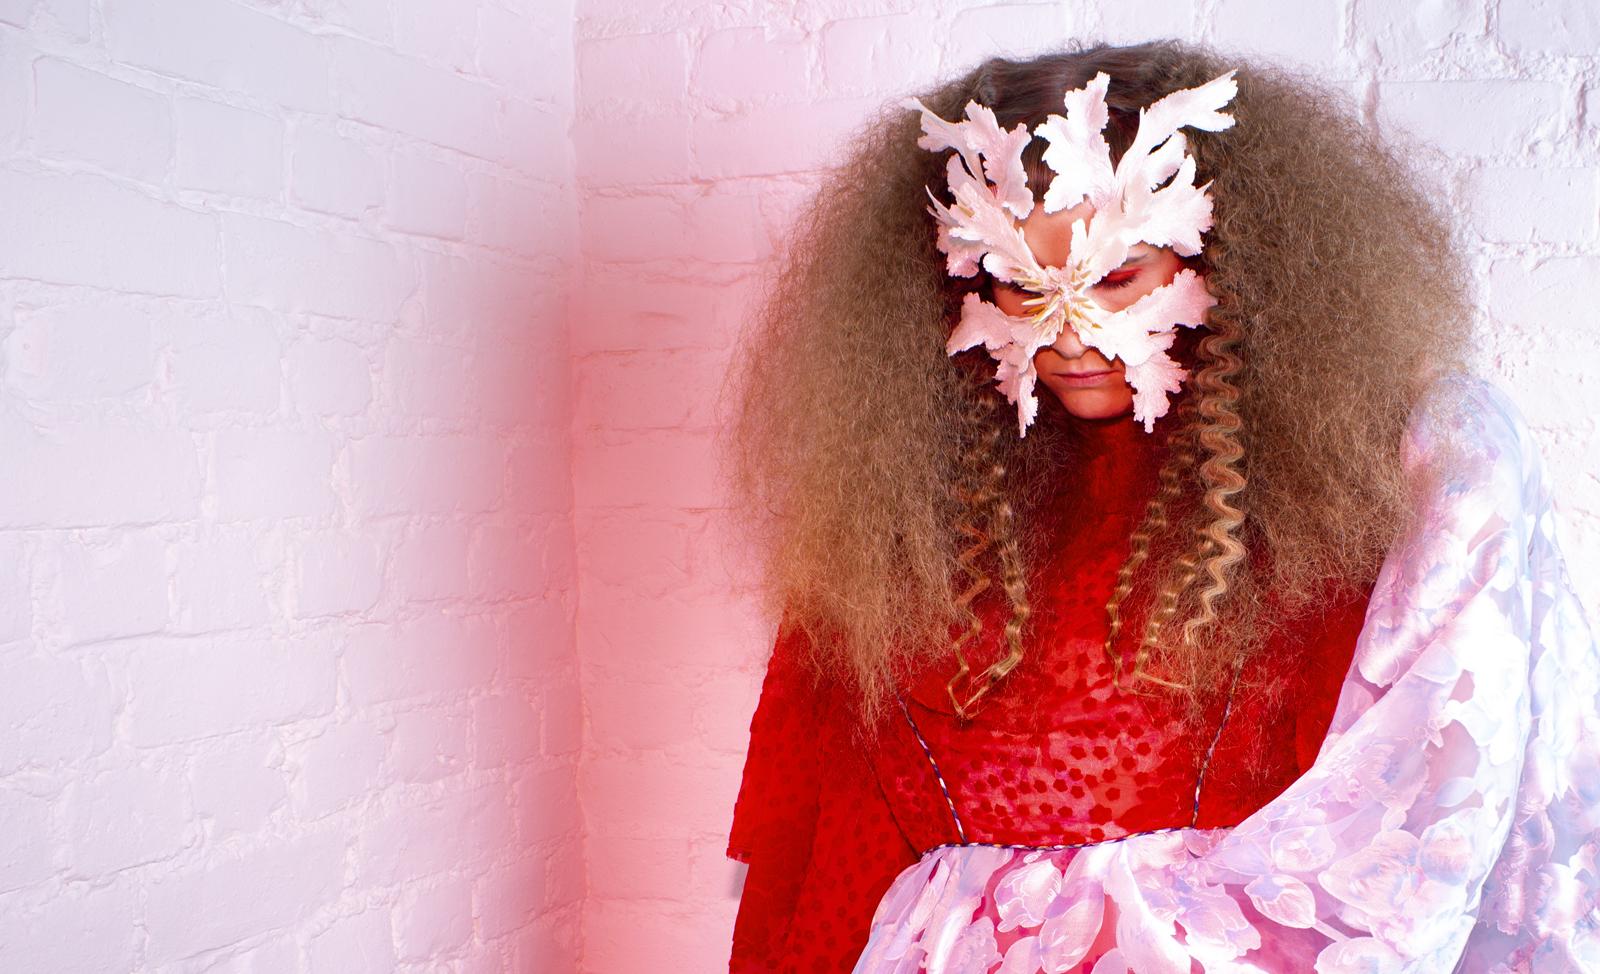 """Synne Sanden wearing """"The Lonely Beast III"""" mask I Photo by Ellinor Egeberg I Hair by Malin Wallin I Dress by Merilin Kolk"""